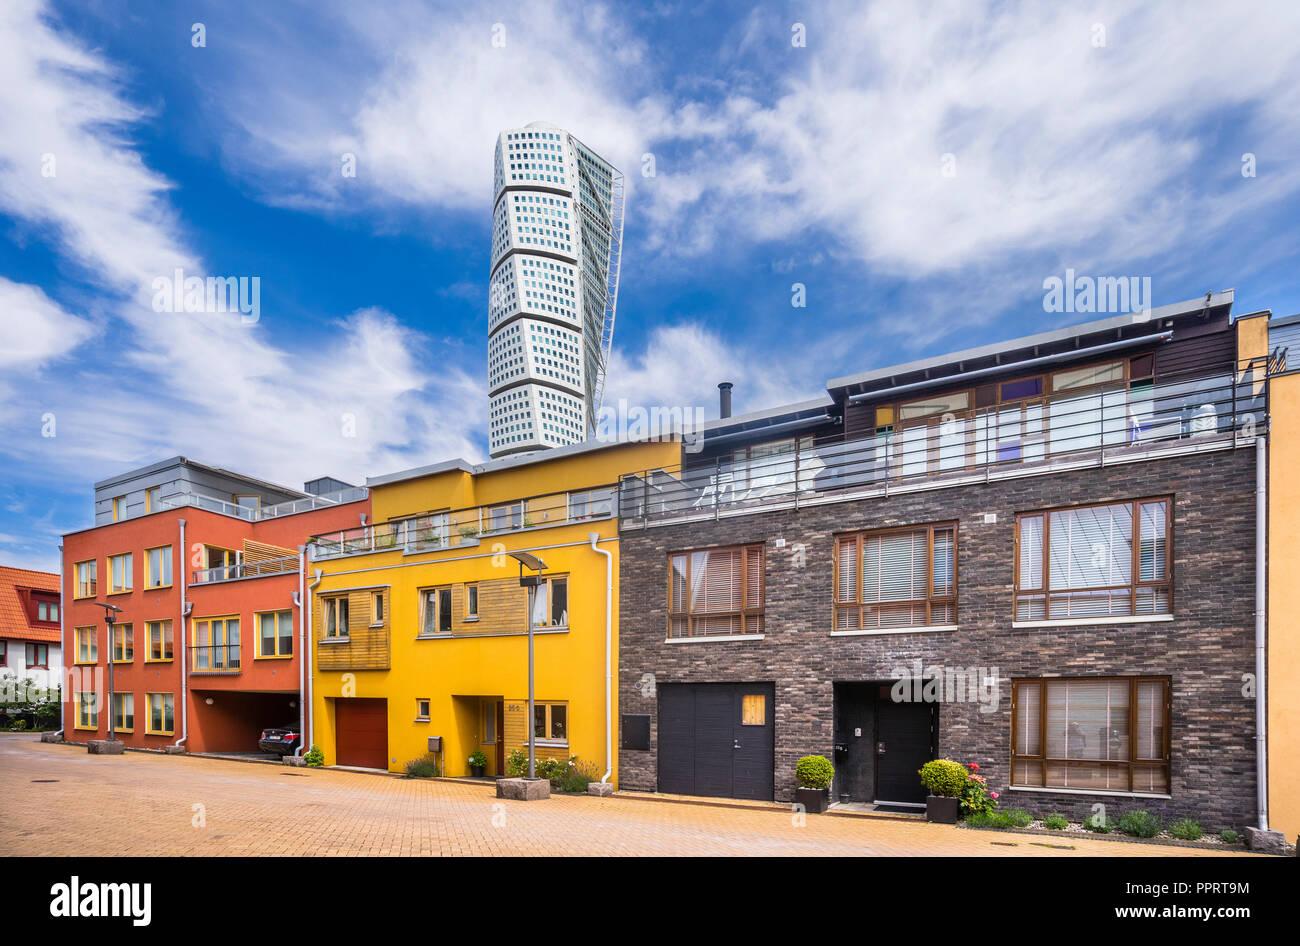 Architettura innovativa nel quartiere di Västra Hamnen (Western Harbour) contro lo sfondo della neo-Futurista grattacielo residenziale 'i turni Immagini Stock